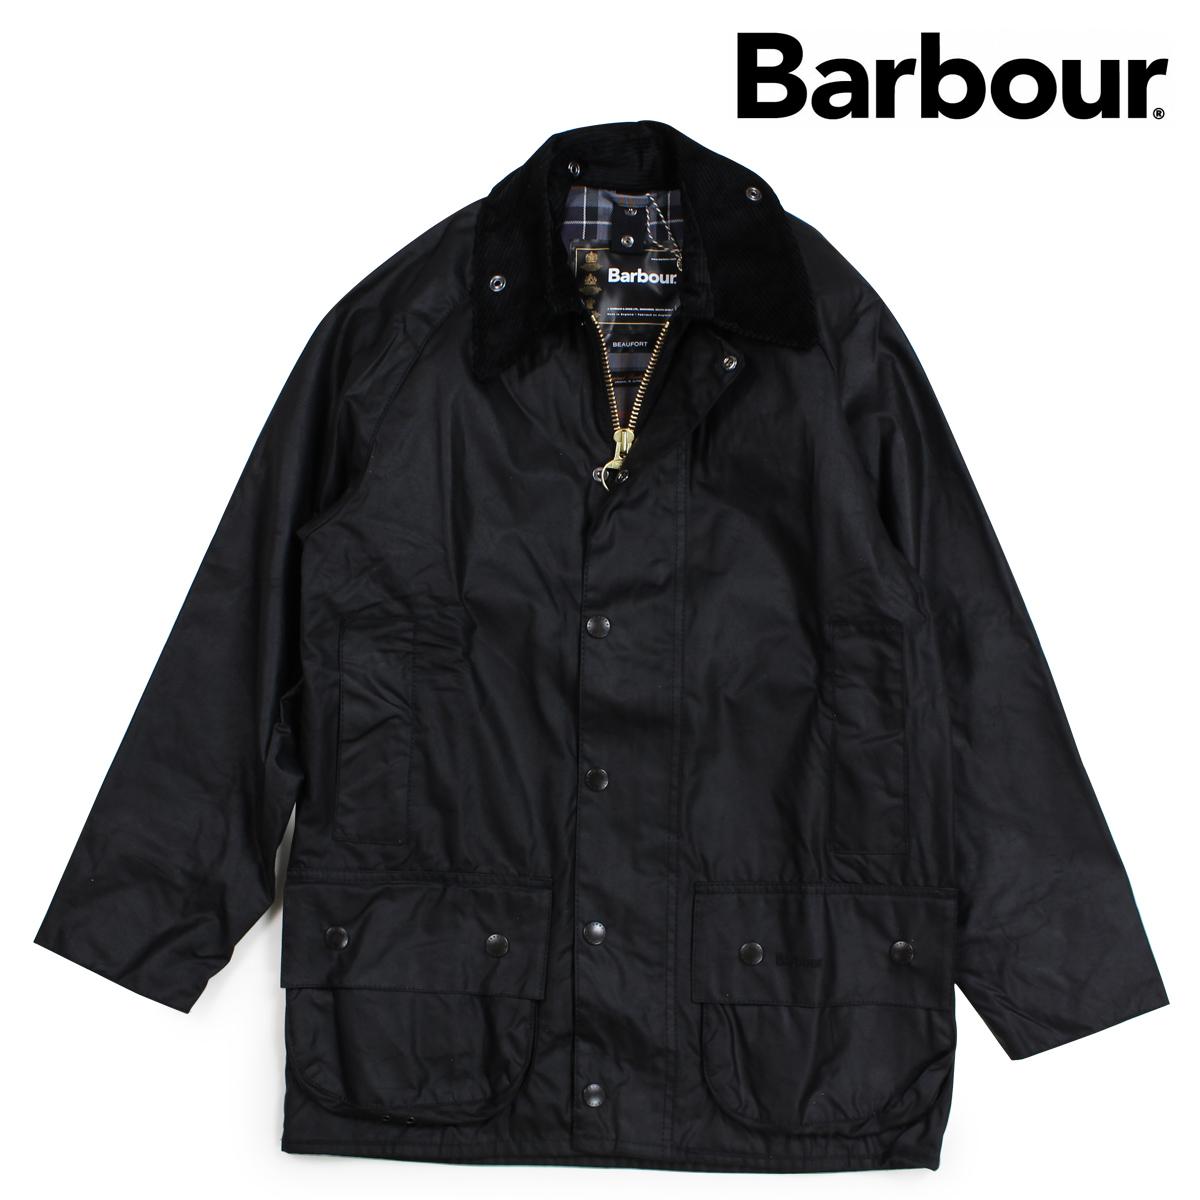 Barbour バブアー ジャケット ワックス メンズ ビューフォート BEAUFORT JACKET ブラック MWX0017 [9/28 新入荷]